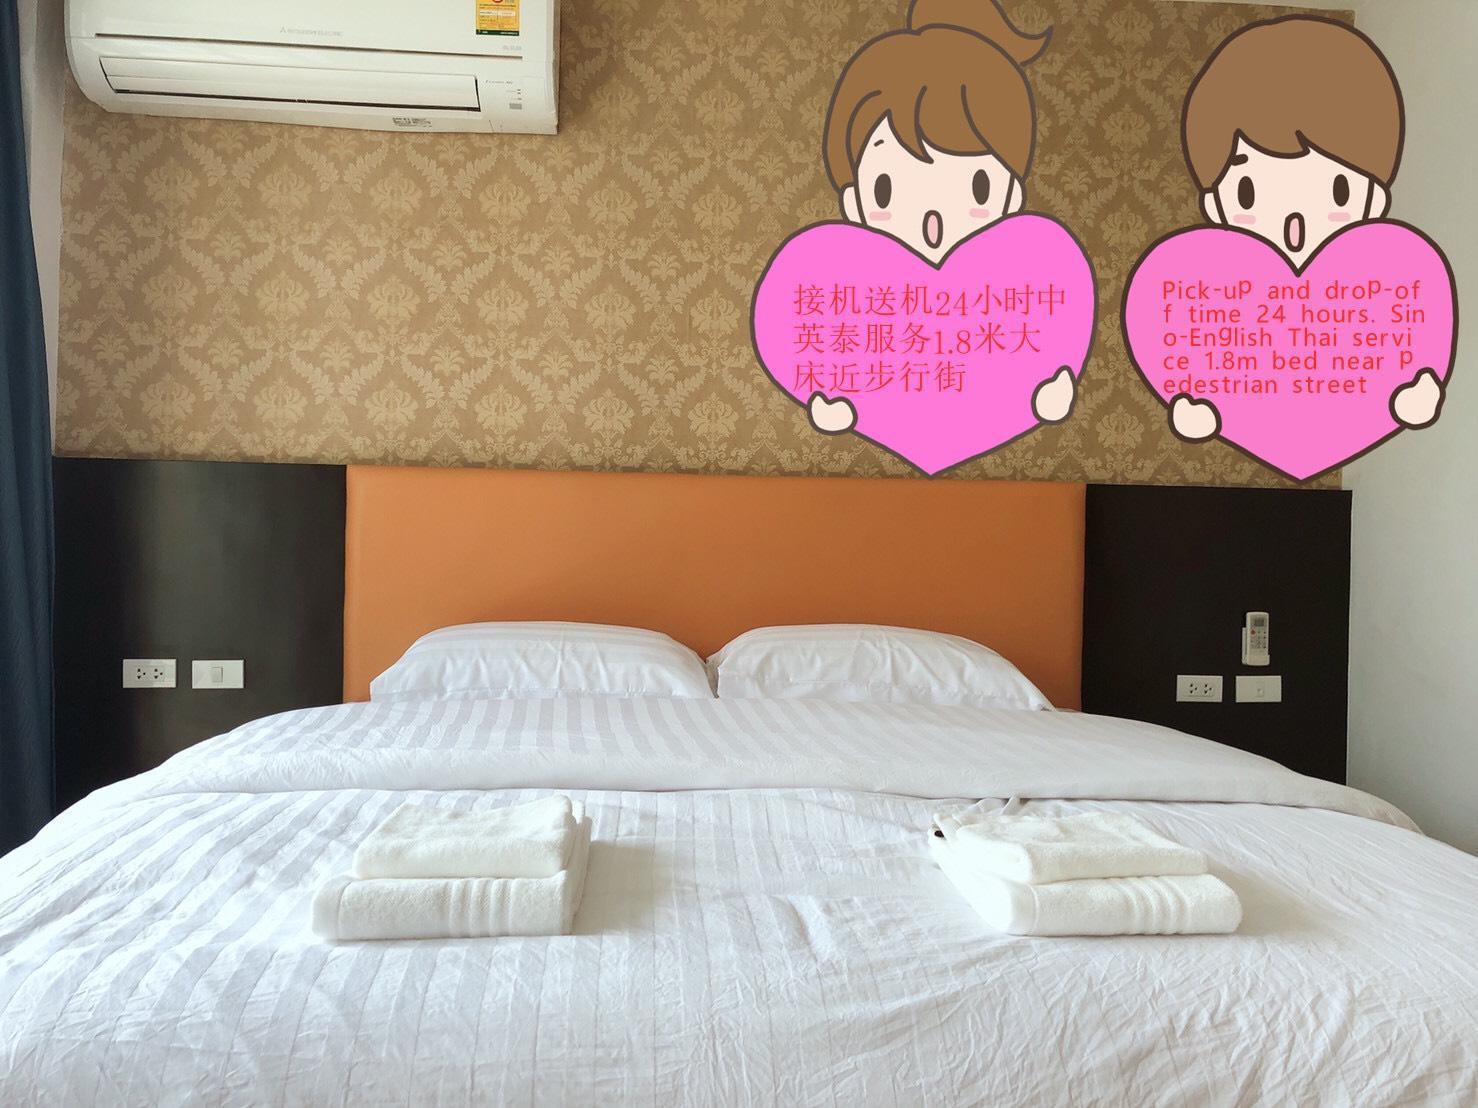 HW  1.8m Large Bed Room 36m2 Large Room 6